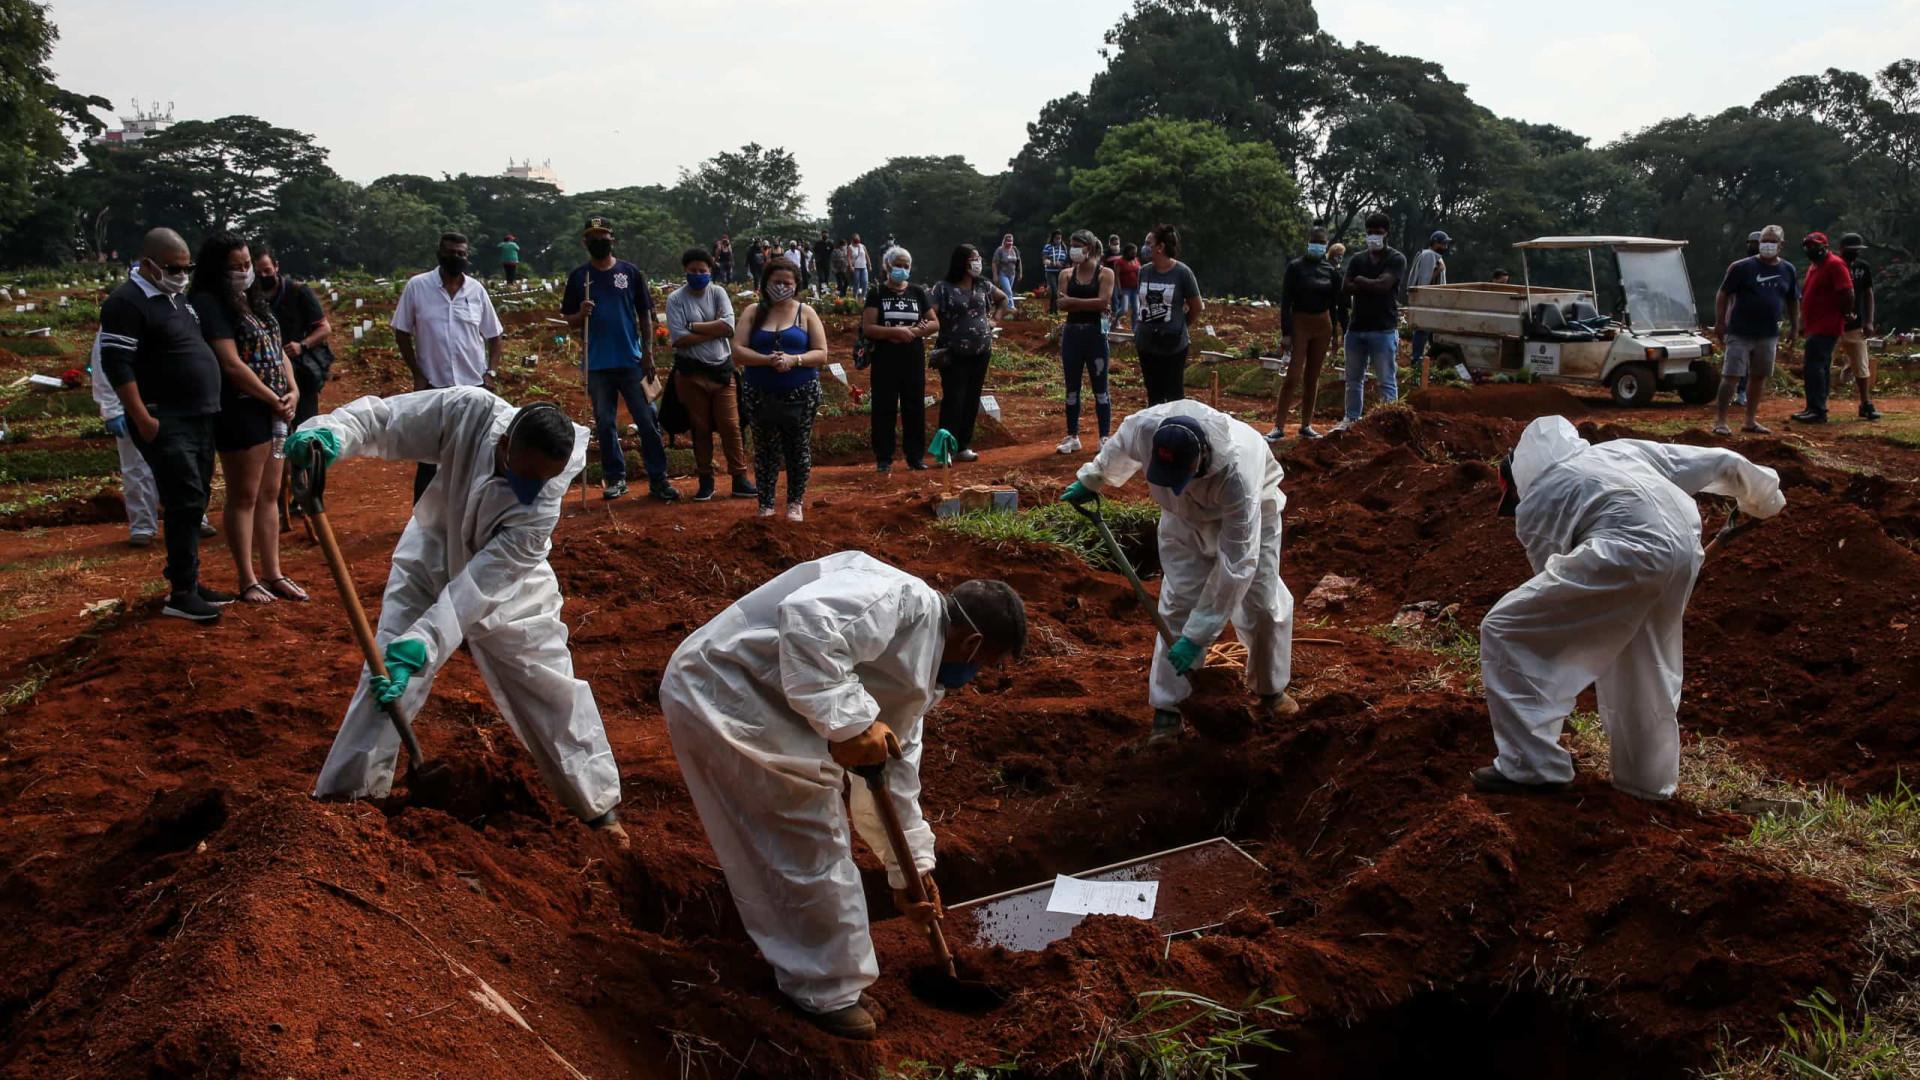 Brasil registra mais 1.548 mortes por Covid-19 em 24h